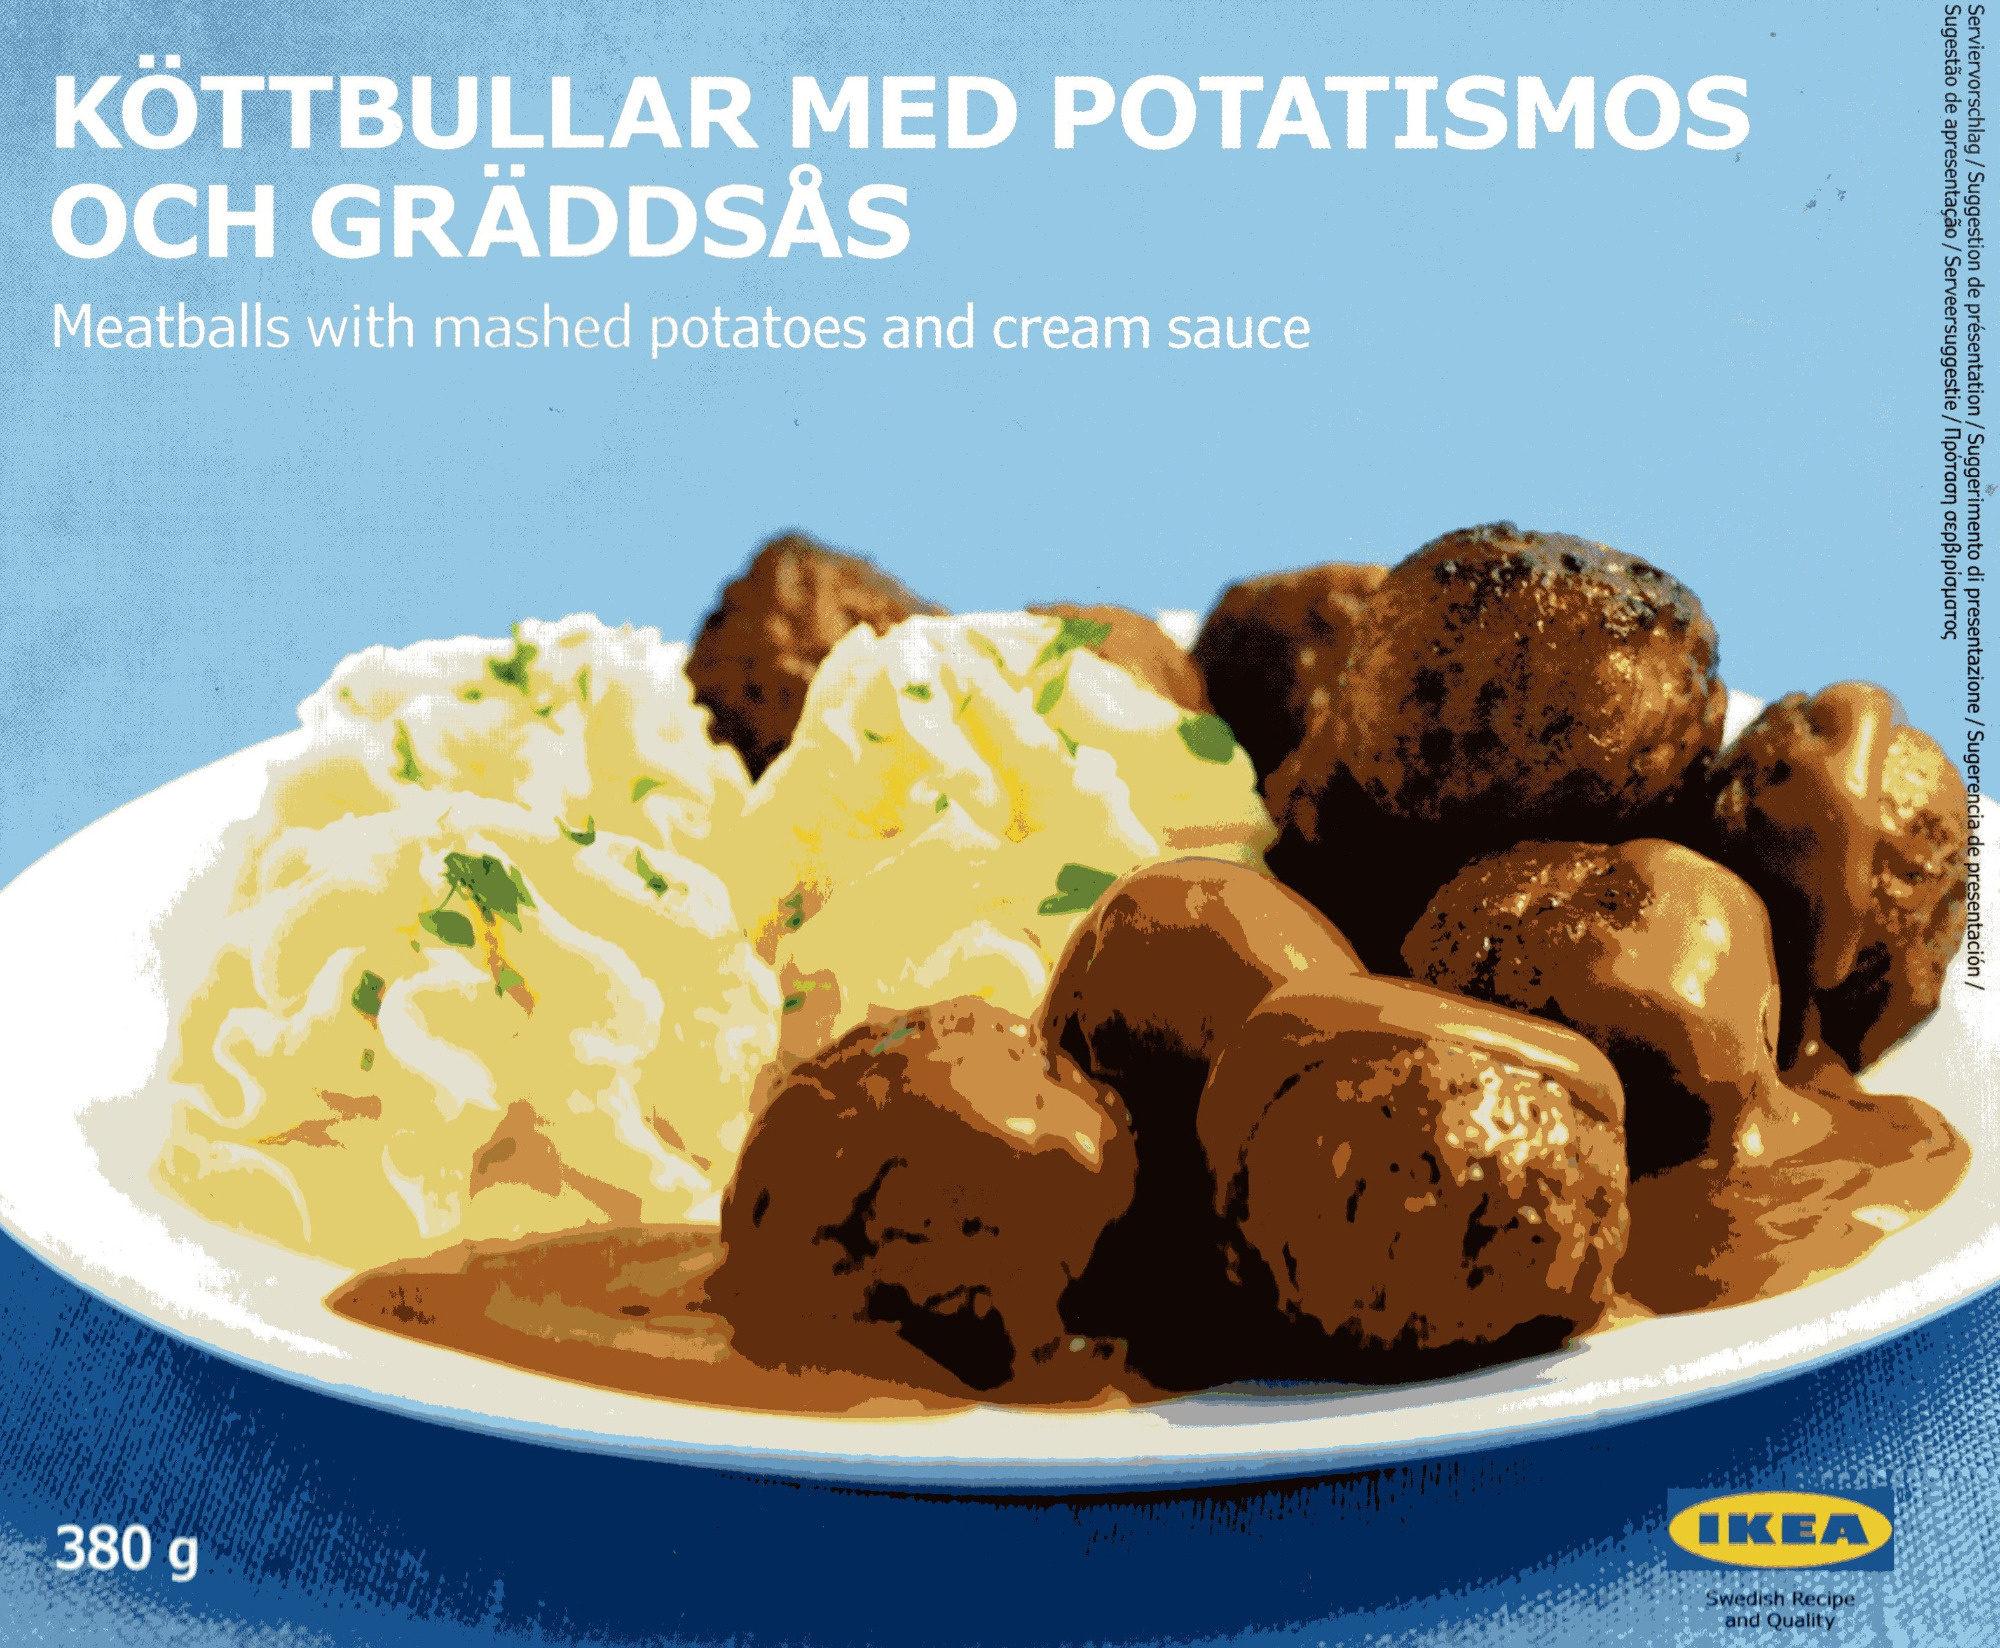 K 246 Ttbullar Med Potatismos Och Gr 228 Dds 229 S Ikea 380 G